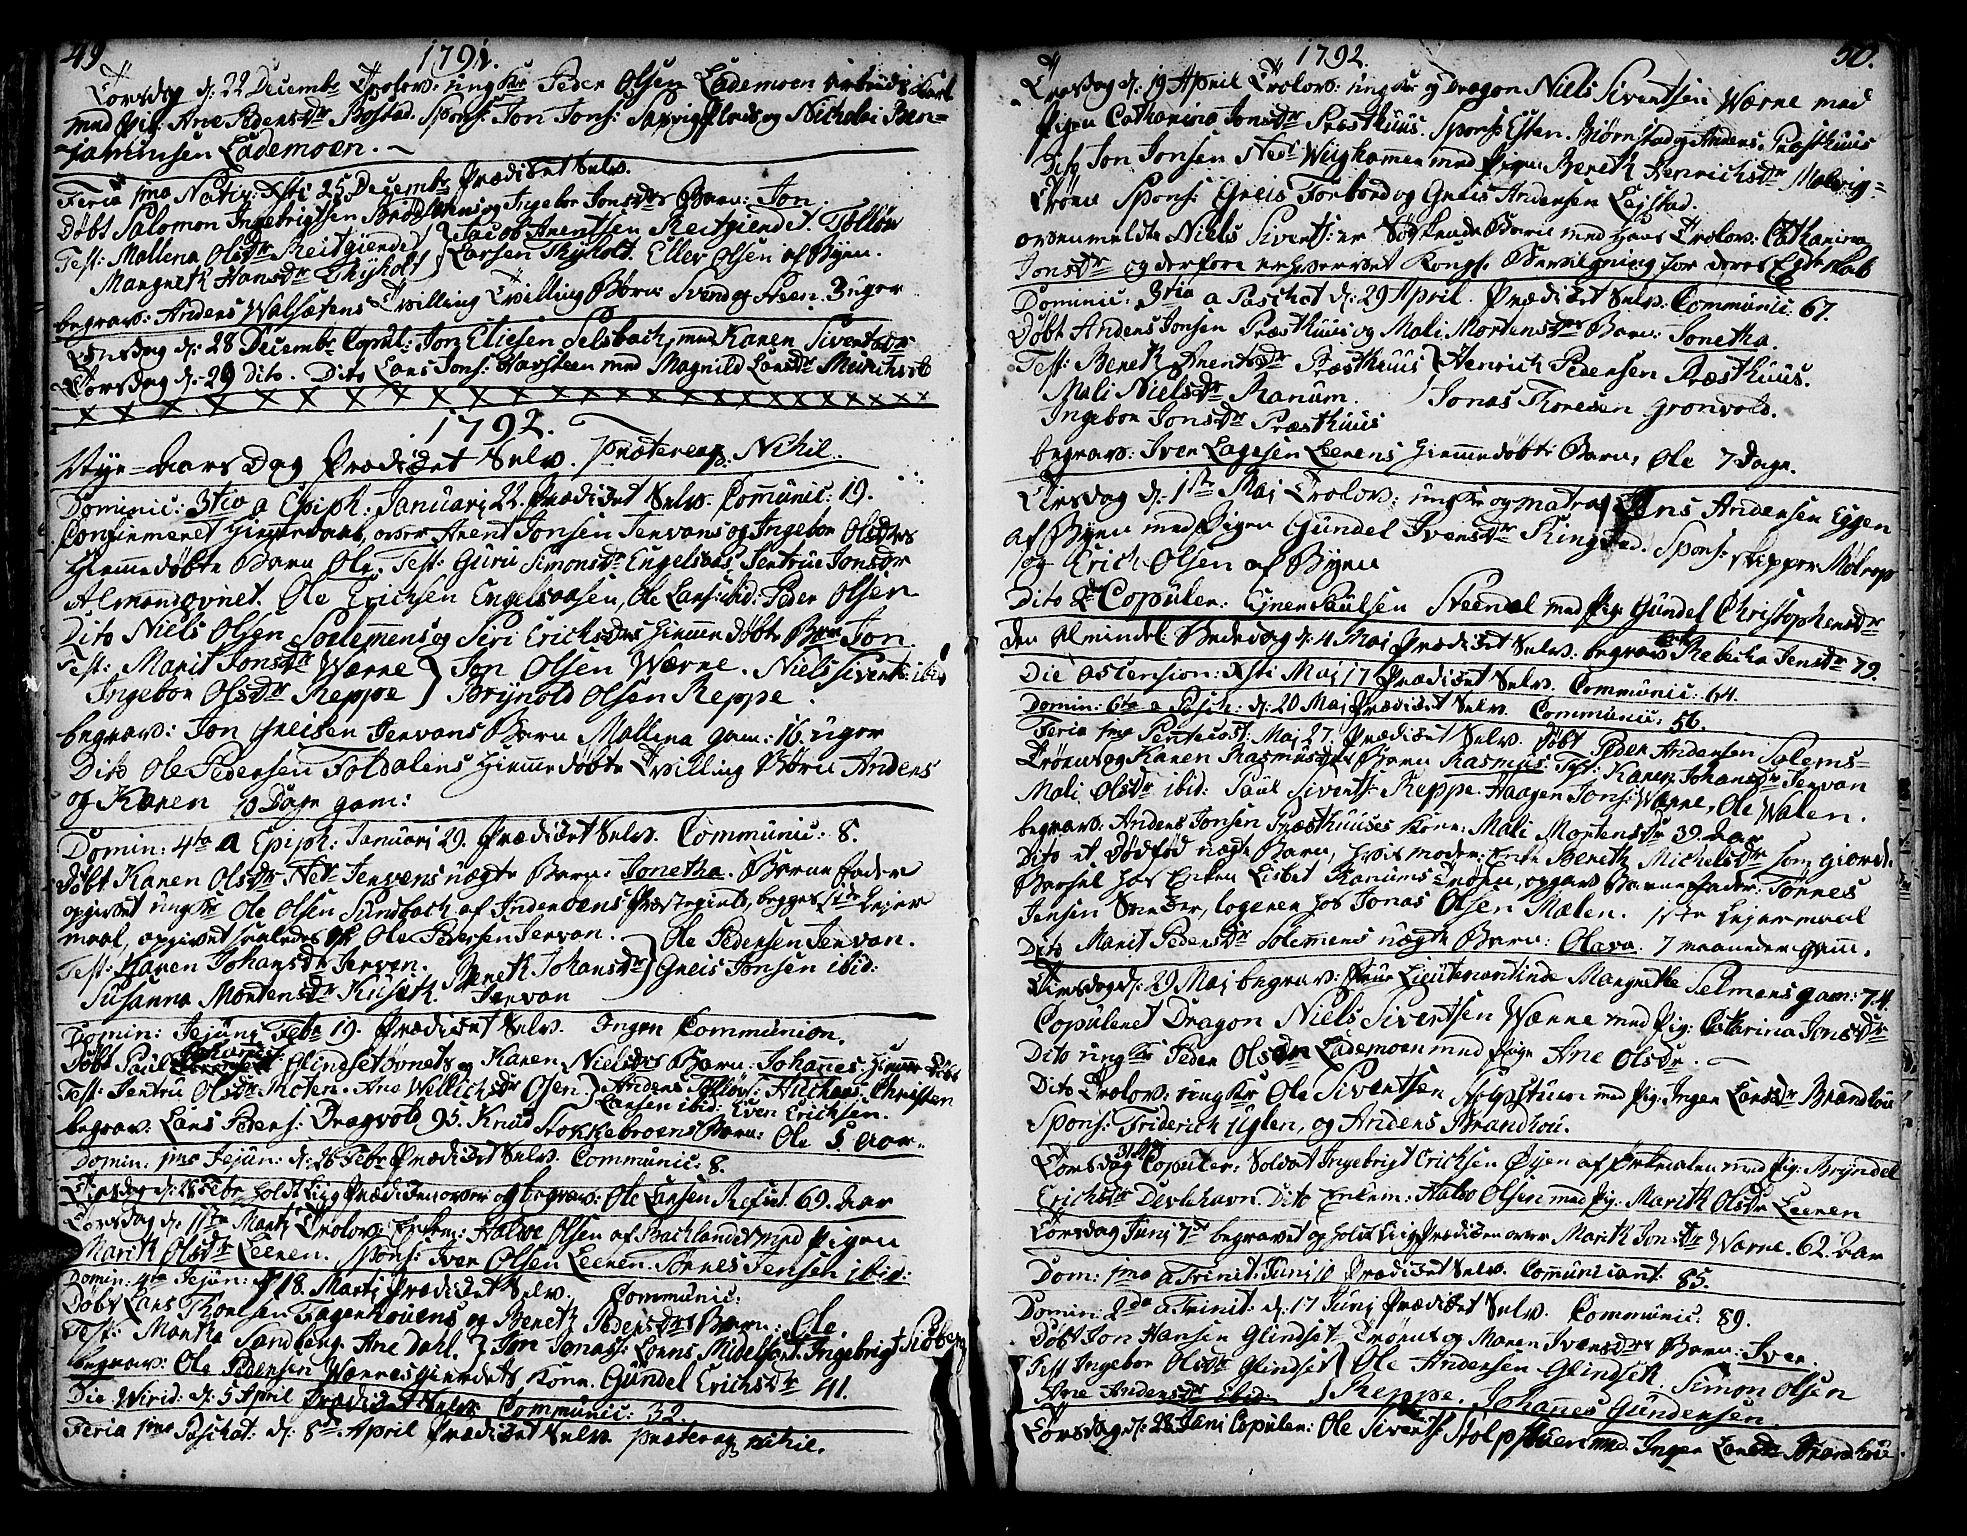 SAT, Ministerialprotokoller, klokkerbøker og fødselsregistre - Sør-Trøndelag, 606/L0280: Ministerialbok nr. 606A02 /1, 1781-1817, s. 49-50